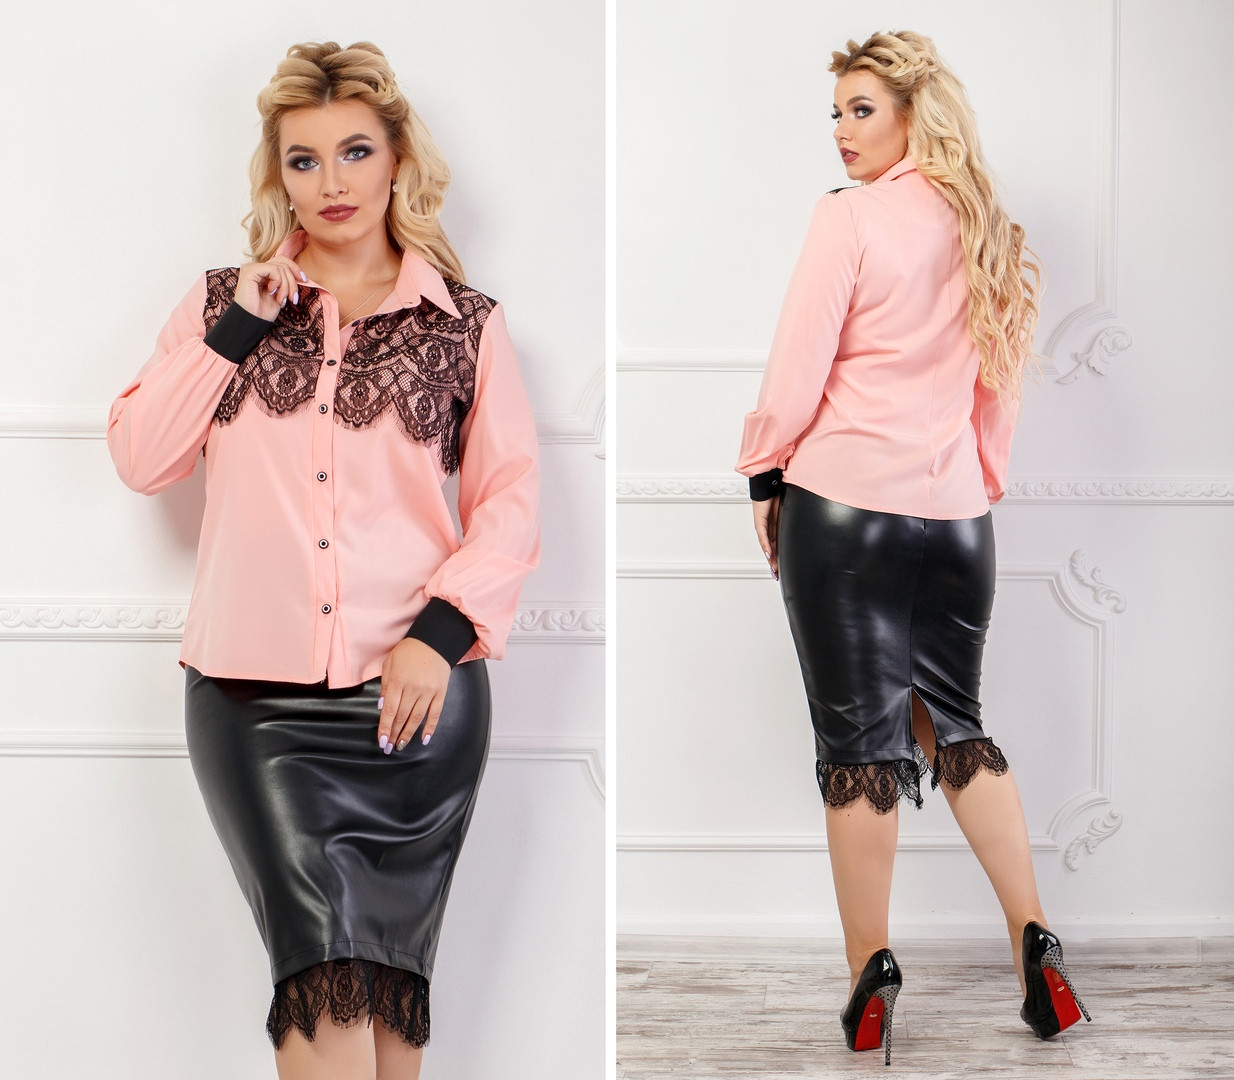 Женский костюм экокожа Батал, Женский юбочный костюм блузка со вставками гипюра и юбка из эко-кожи большого размера.